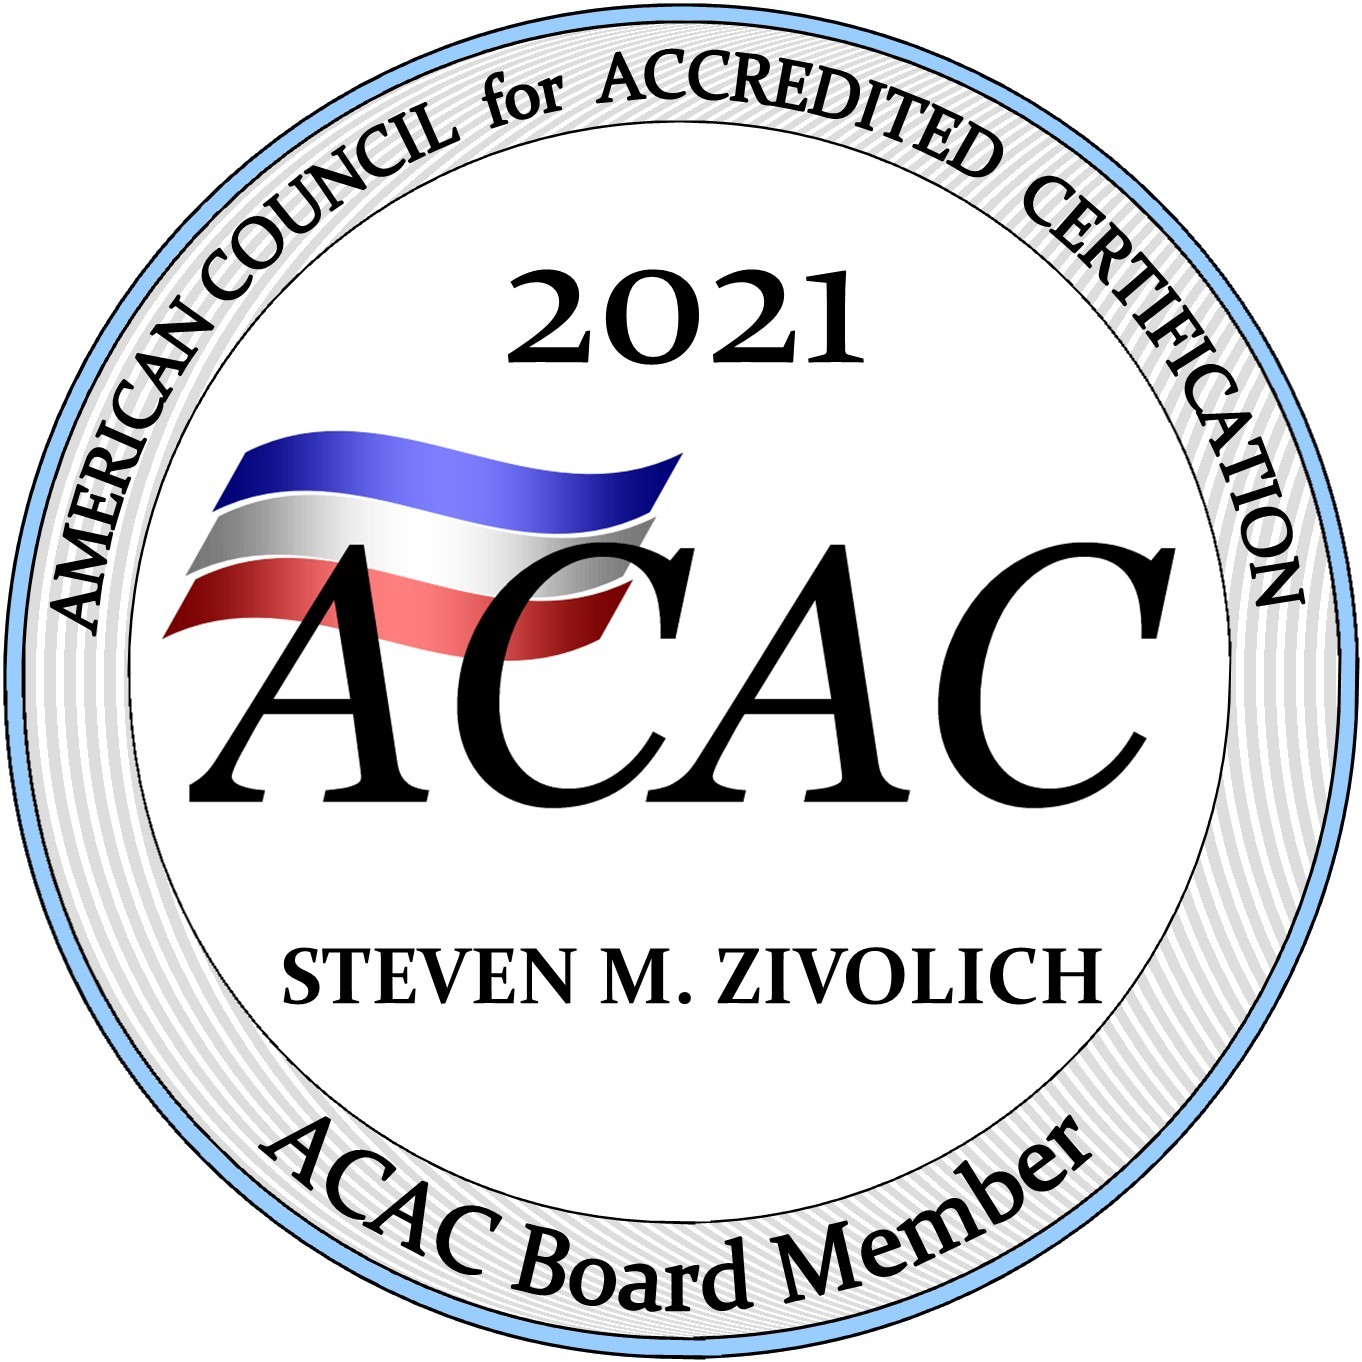 ACAC-2021